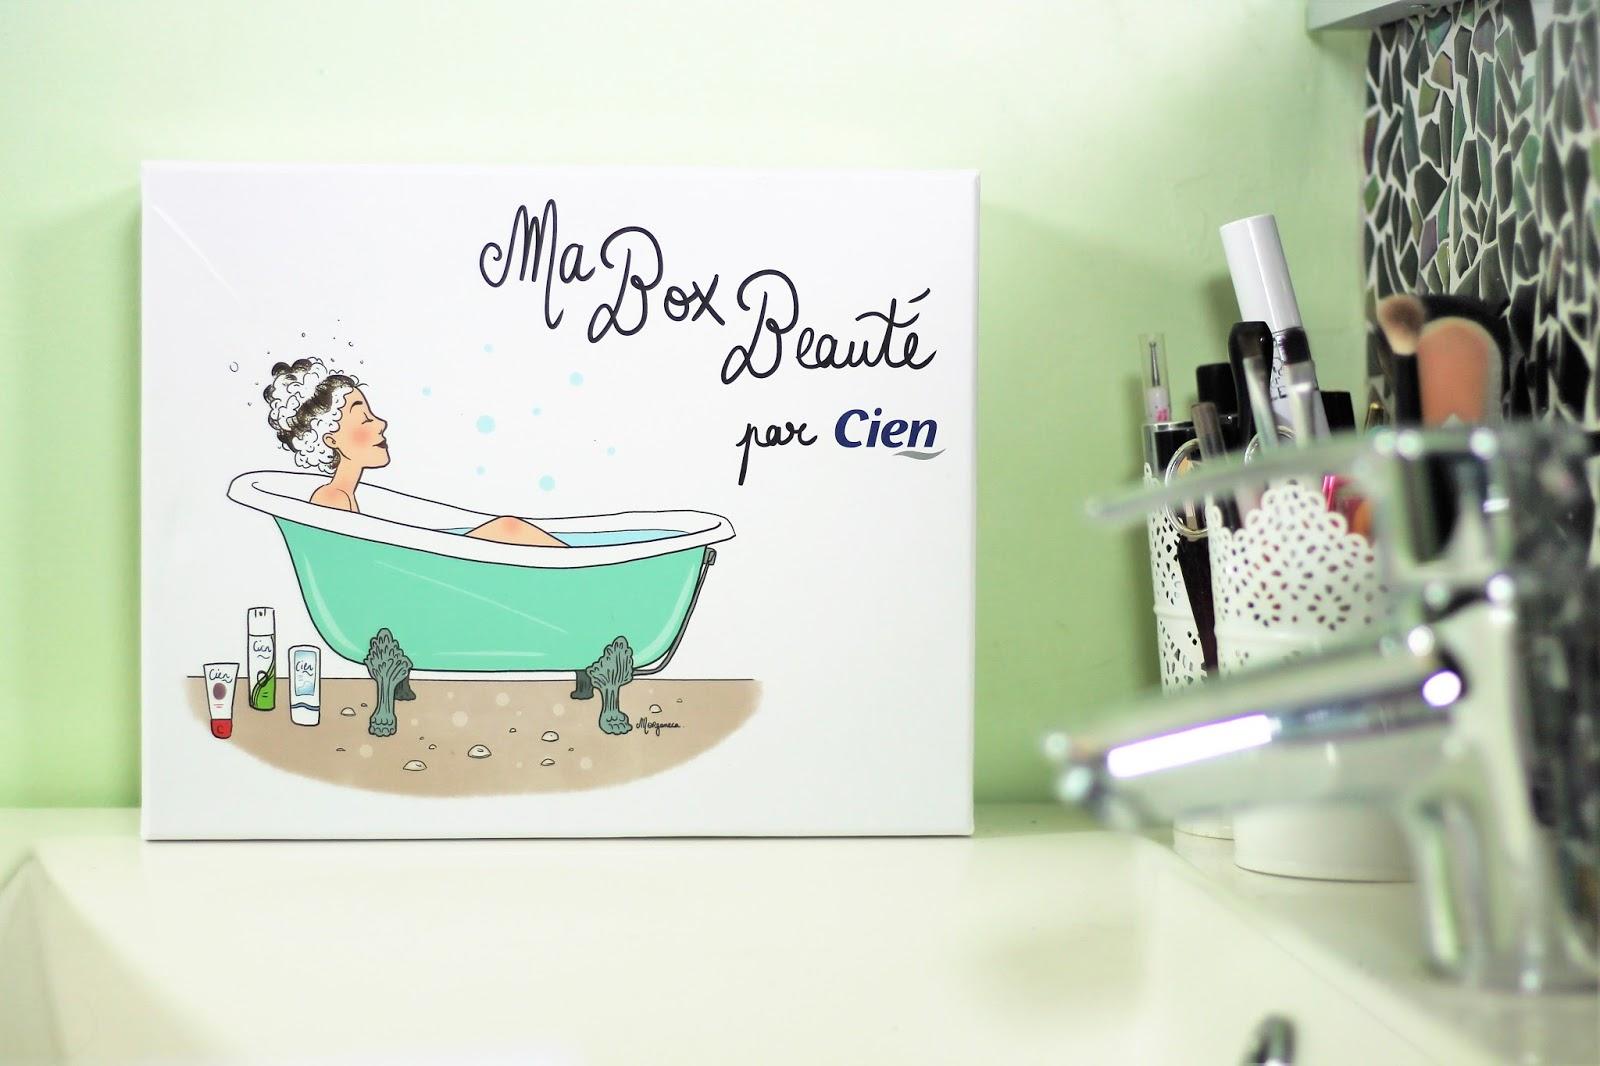 box beauté soin cosmétique cien lidl discount qualité cheveux hair shampooing après shampooing laque mousse coiffante salle de bain home tour les gommettes de melo gomette melogommette avis top flop malika ménard